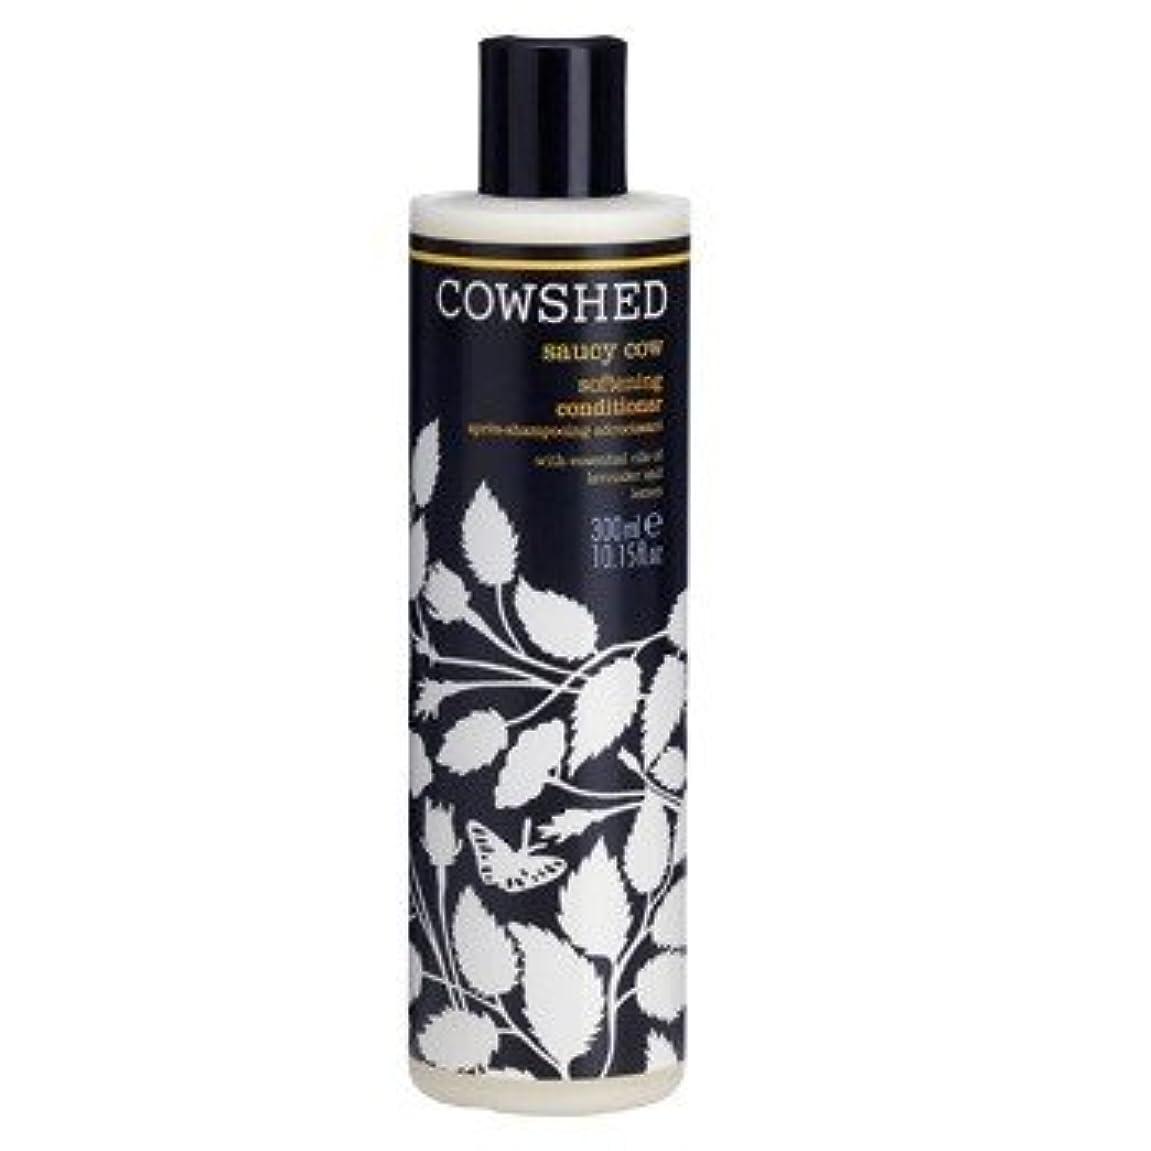 精通した通訳また明日ね牛舎生意気な牛軟化コンディショナー300ミリリットル (Cowshed) (x2) - Cowshed Saucy Cow Softening Conditioner 300ml (Pack of 2) [並行輸入品]